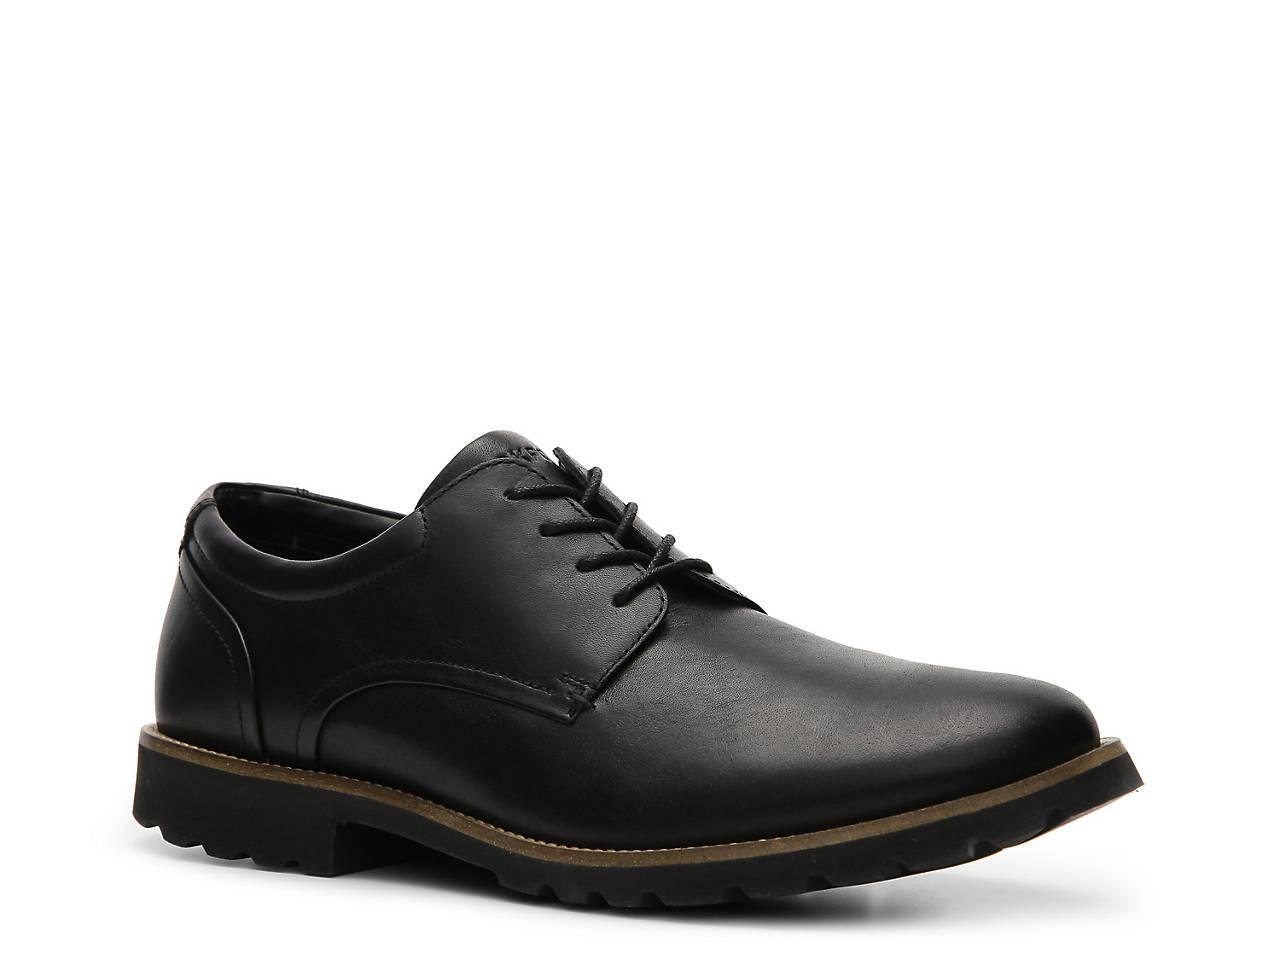 Rockport Colben Oxford Men s Shoes  4e7661097f7e